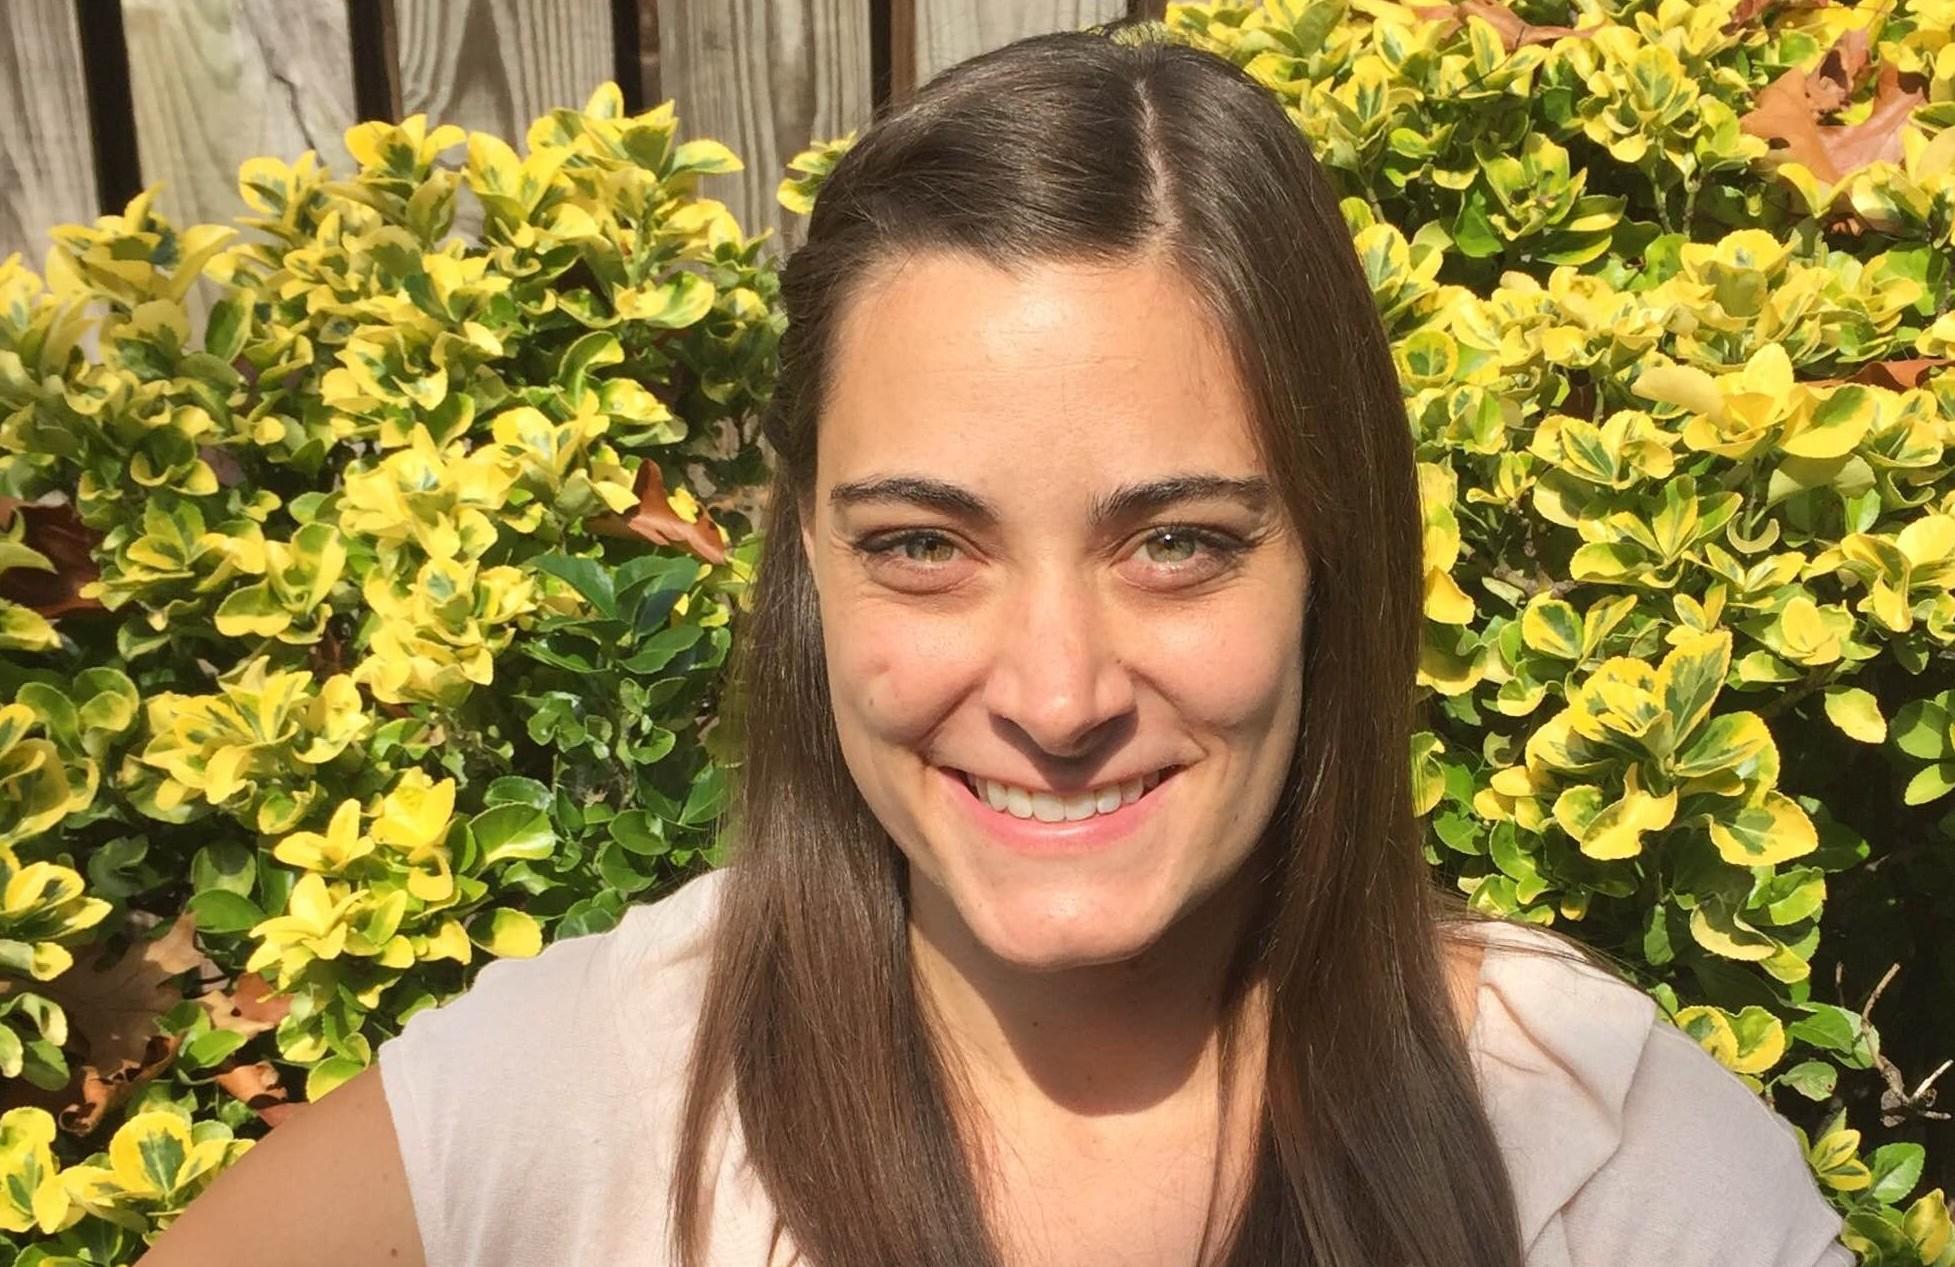 Tamara Laird